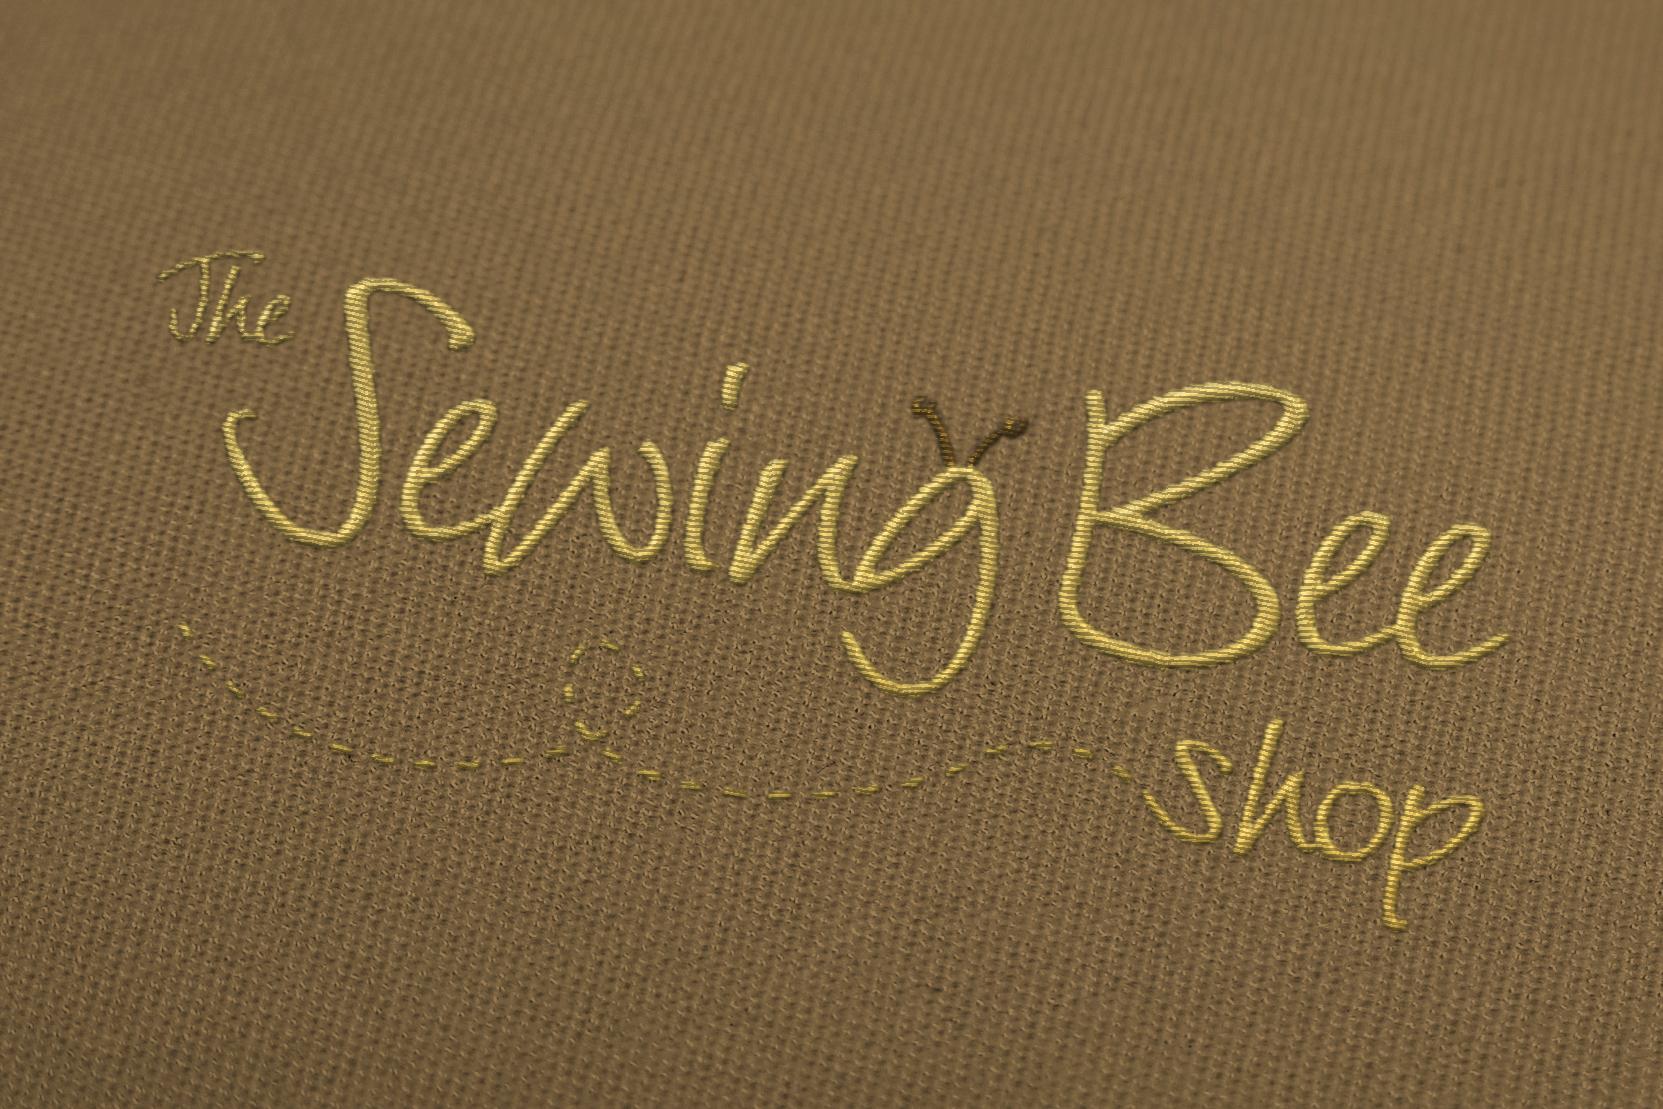 SewingBeeShopLogo